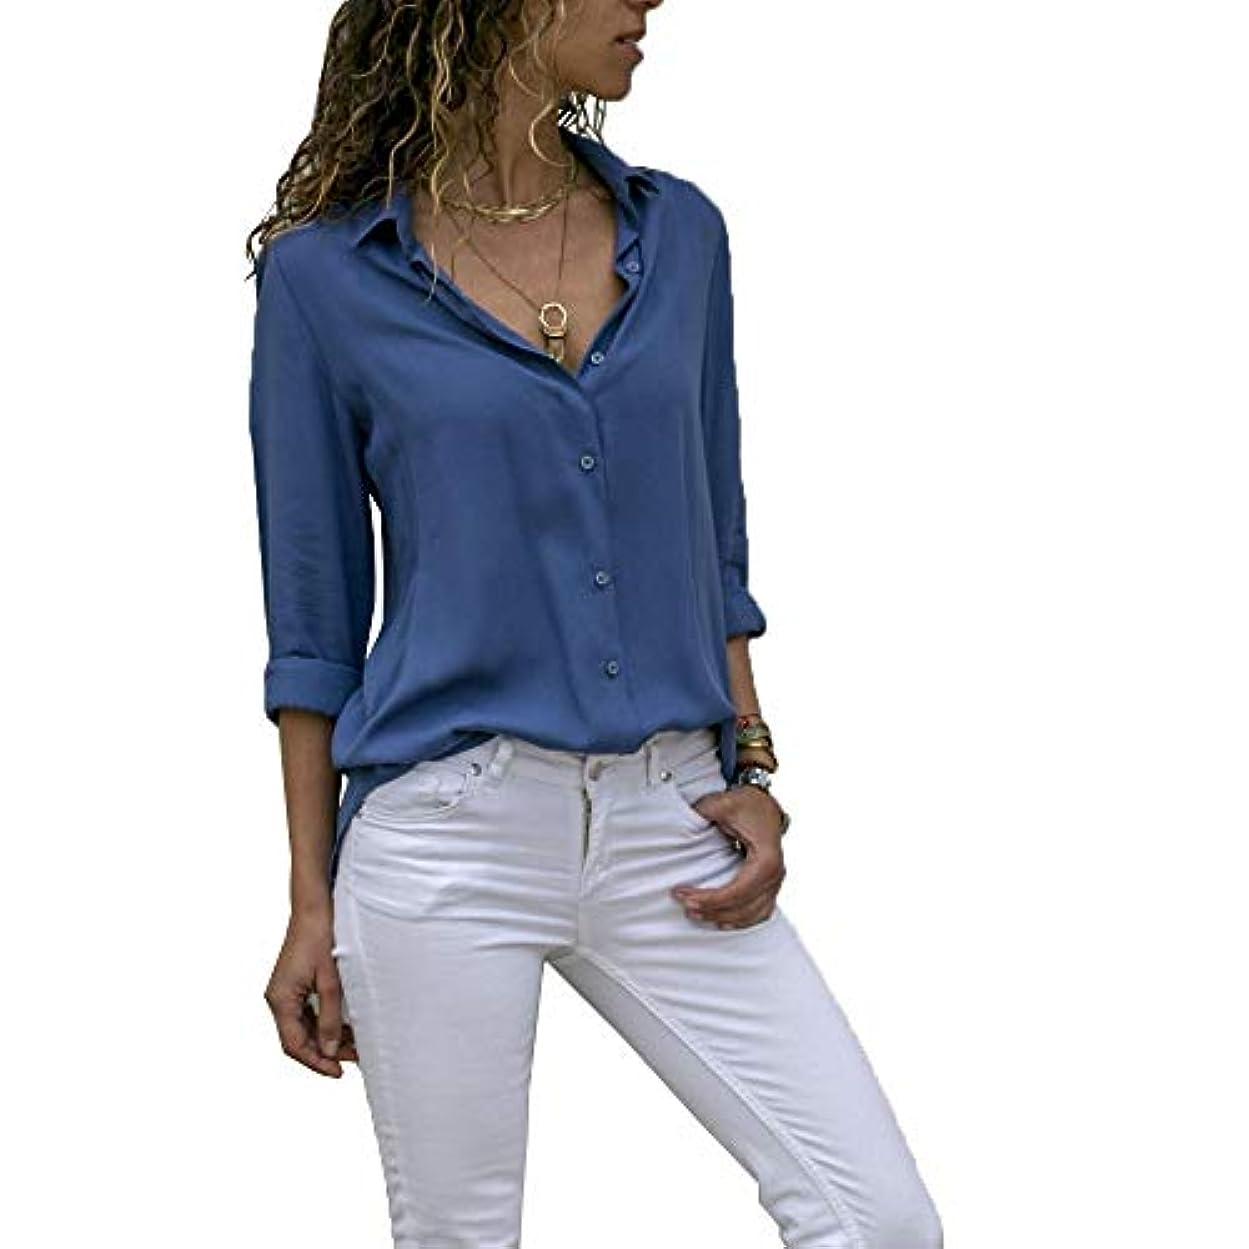 申し立てられた里親シールドMIFAN ルーズシャツ、トップス&Tシャツ、プラスサイズ、トップス&ブラウス、シフォンブラウス、女性トップス、シフォンシャツ